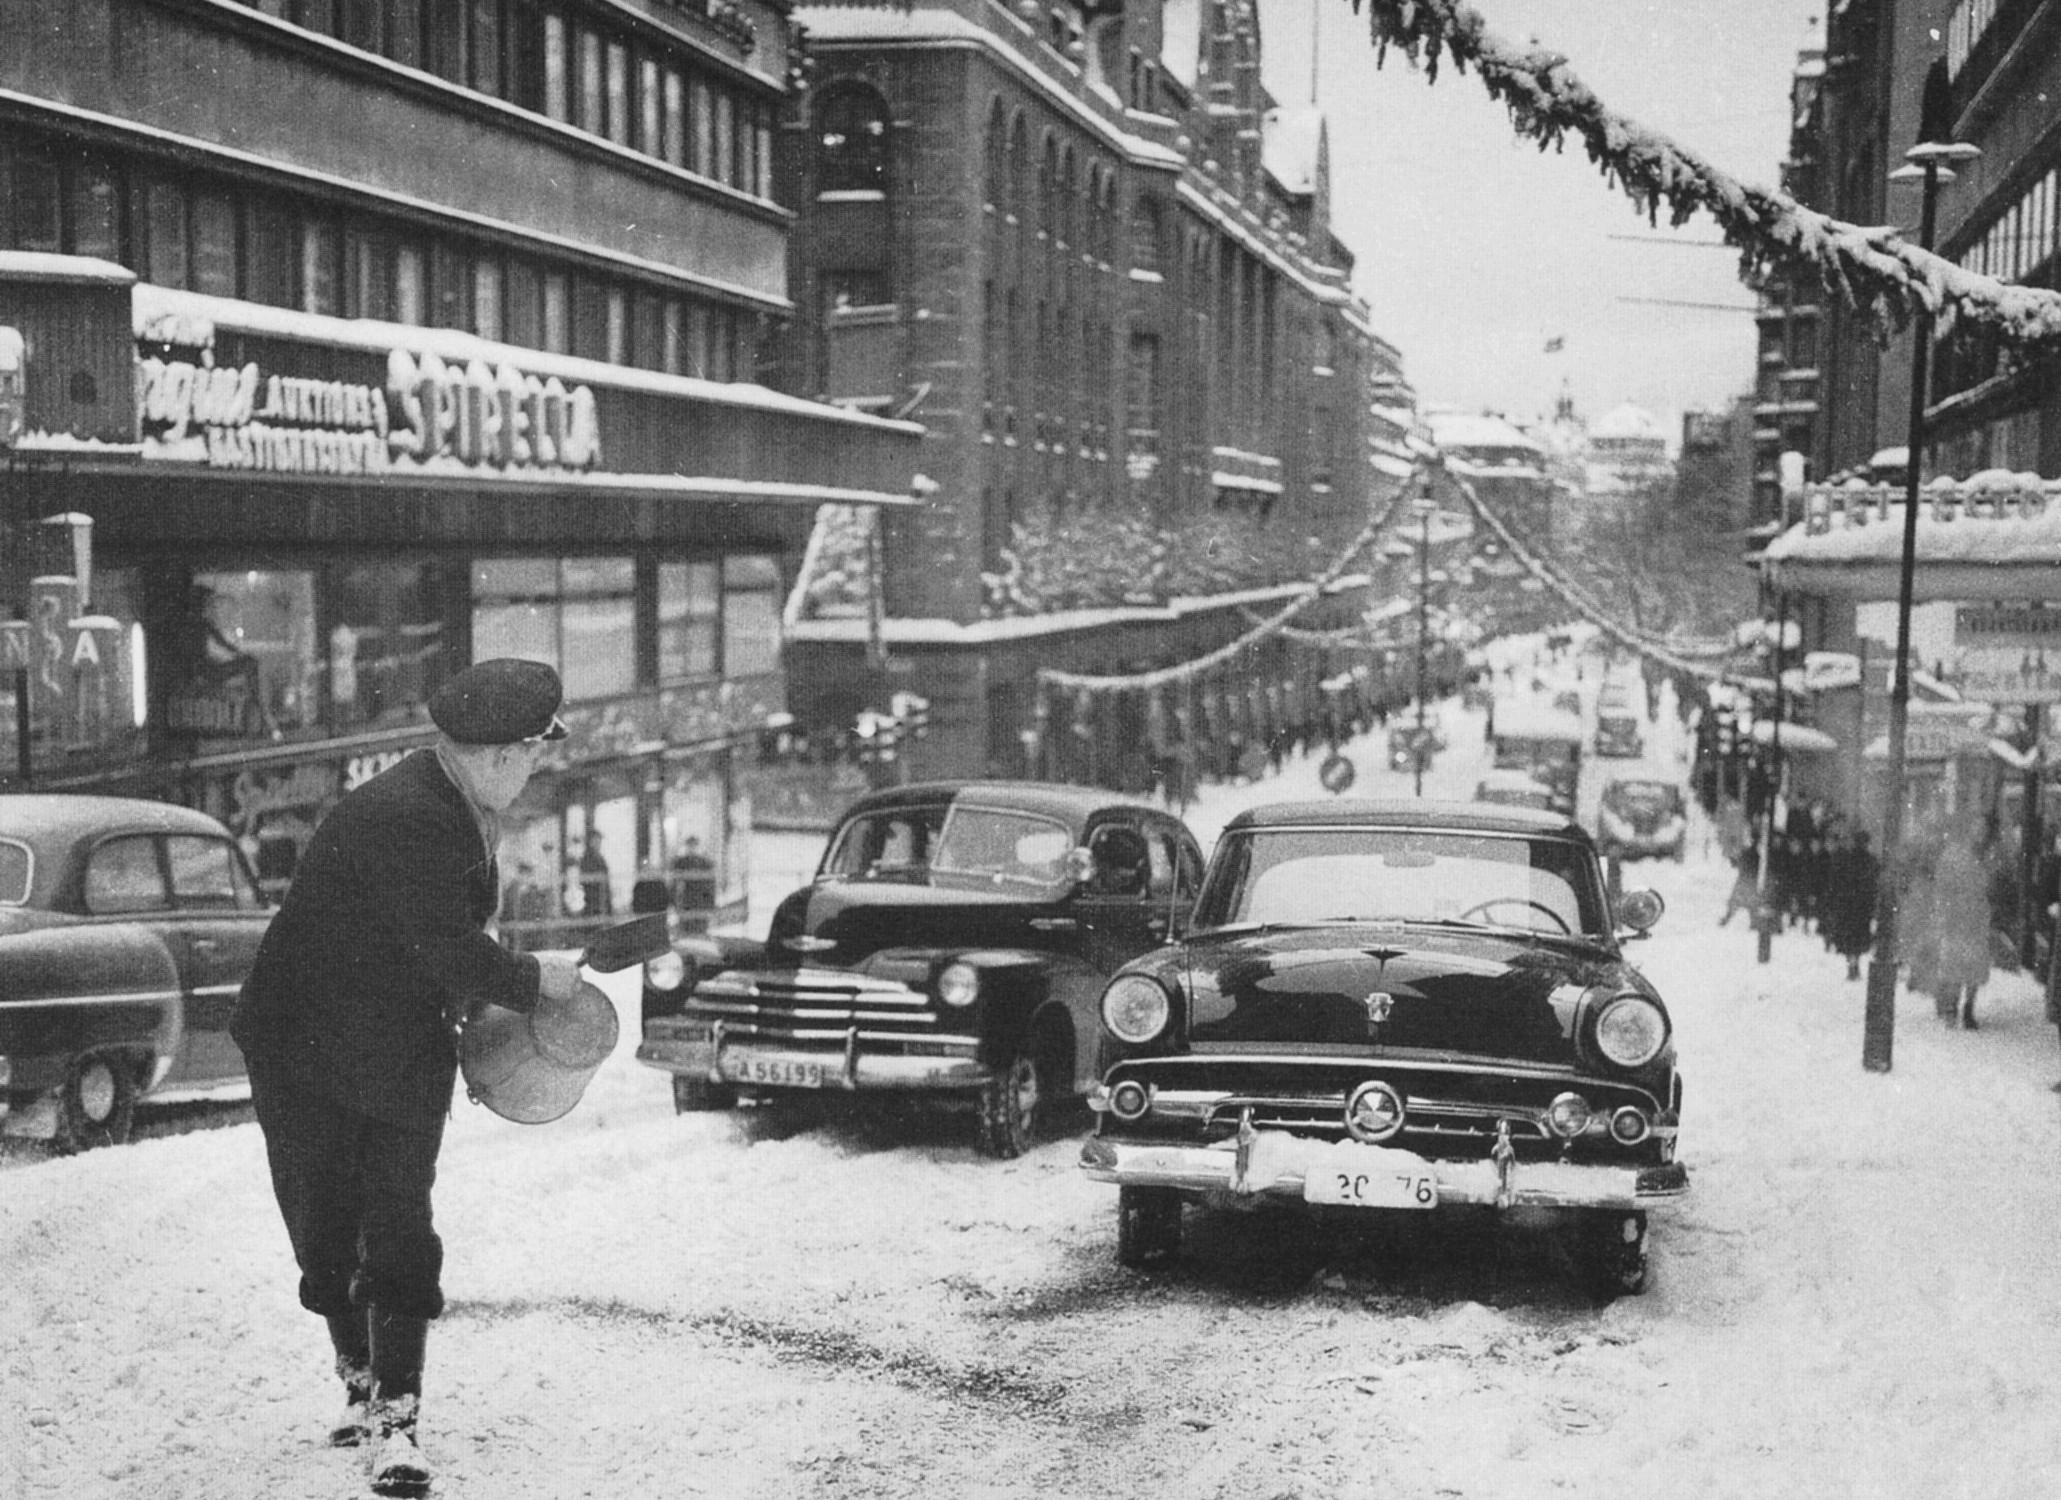 File:Hamngatan 1955.jpg